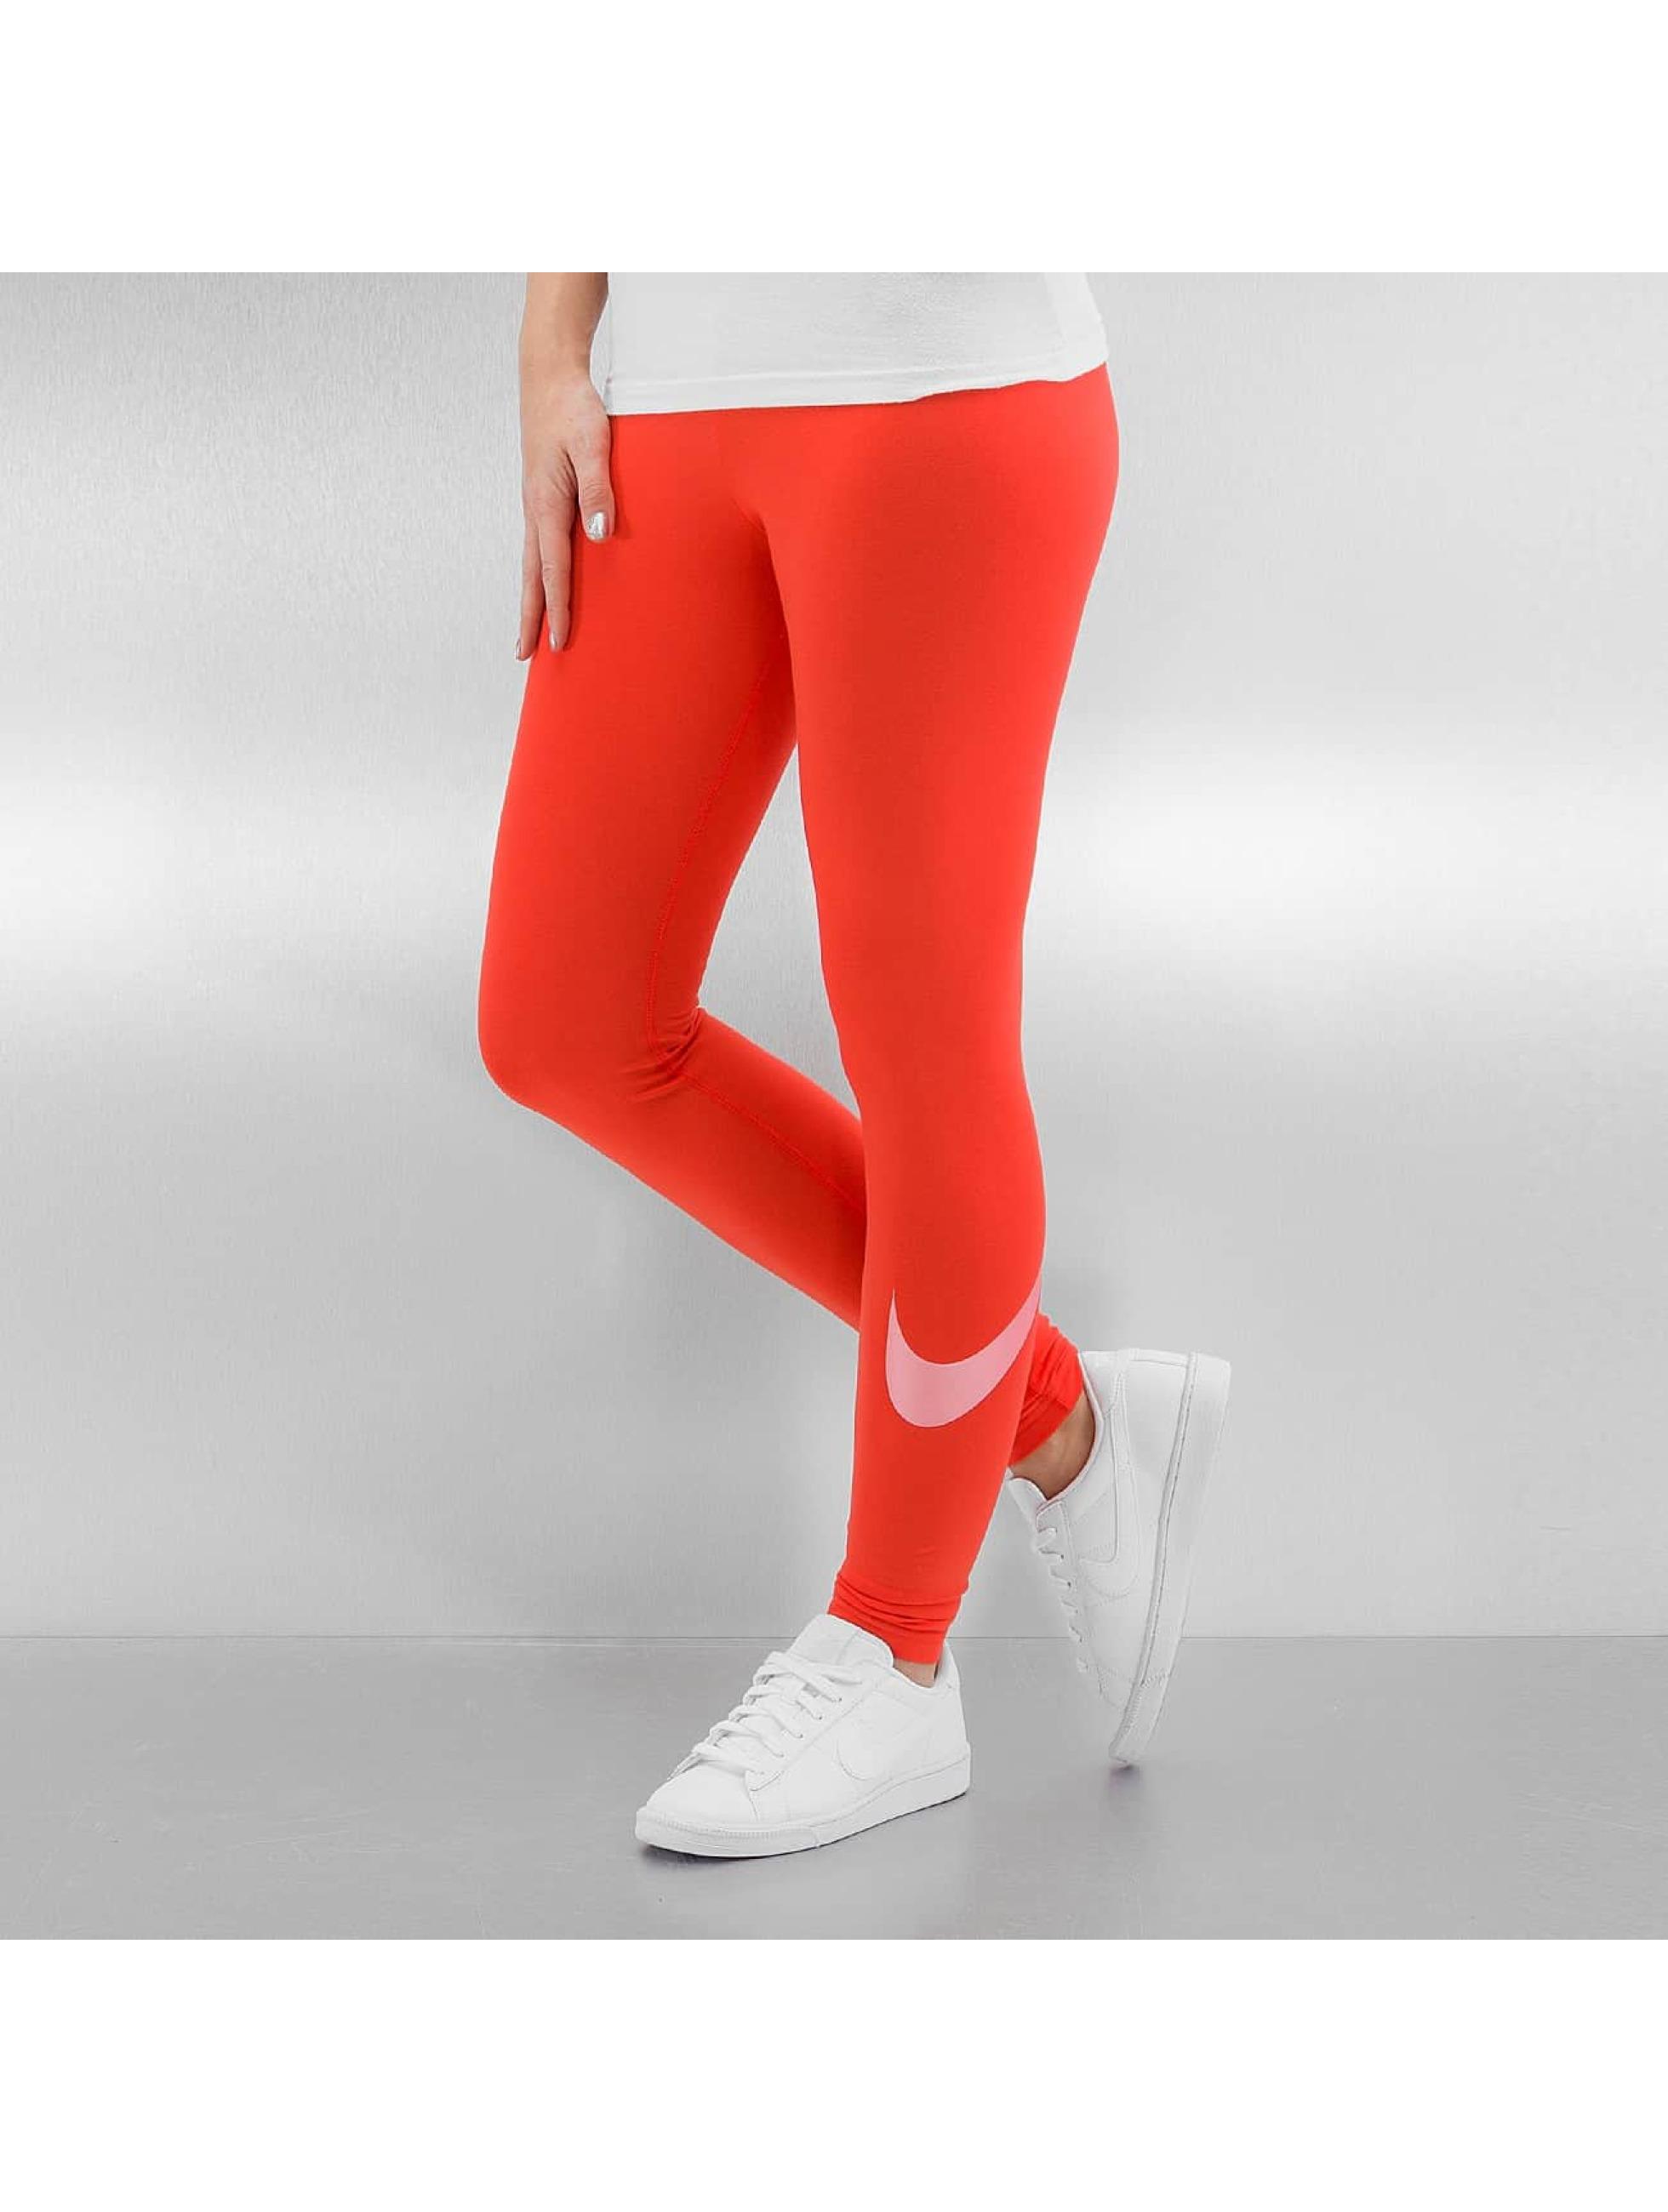 Nike Frauen Legging W NSW Logo Club in orange